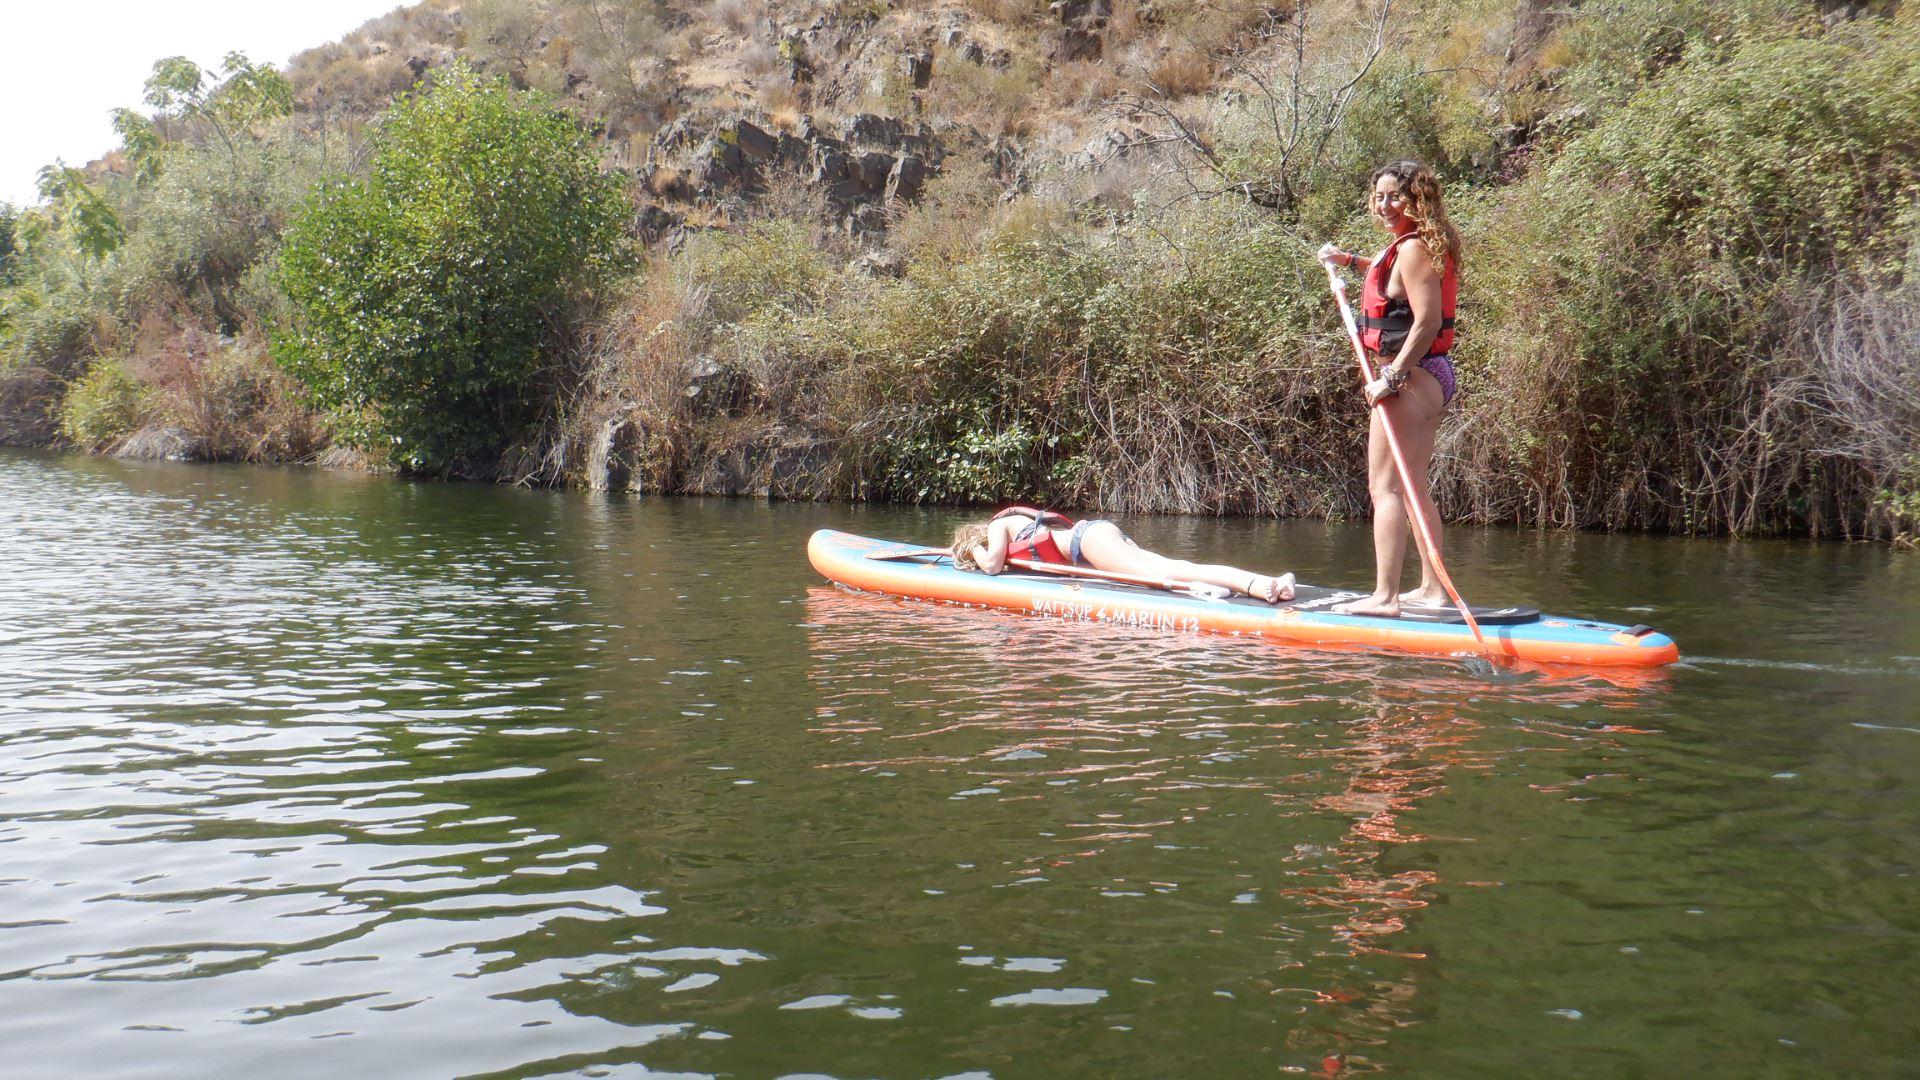 Ruta de Kayak y Paddle Surf + Saltos en Villanueva del Río y Minas